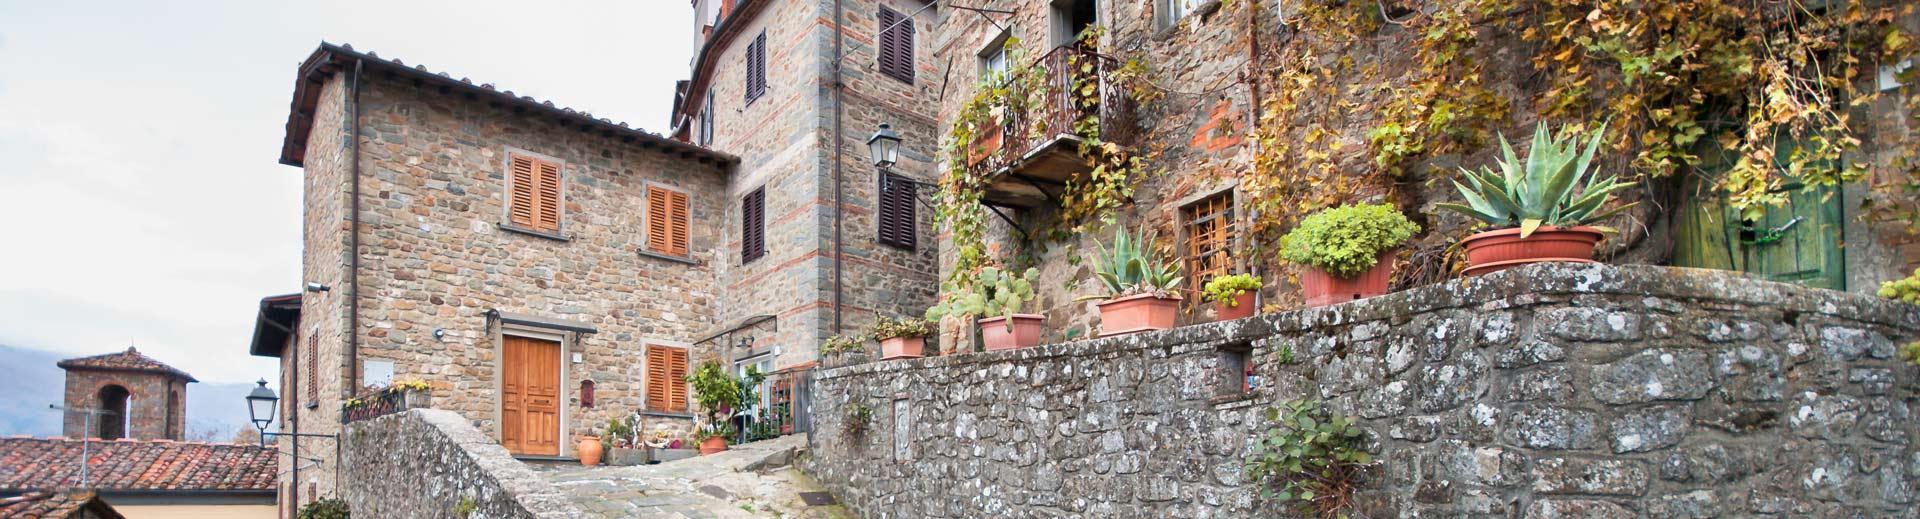 Aramo village houses, Aramo, Tuscany